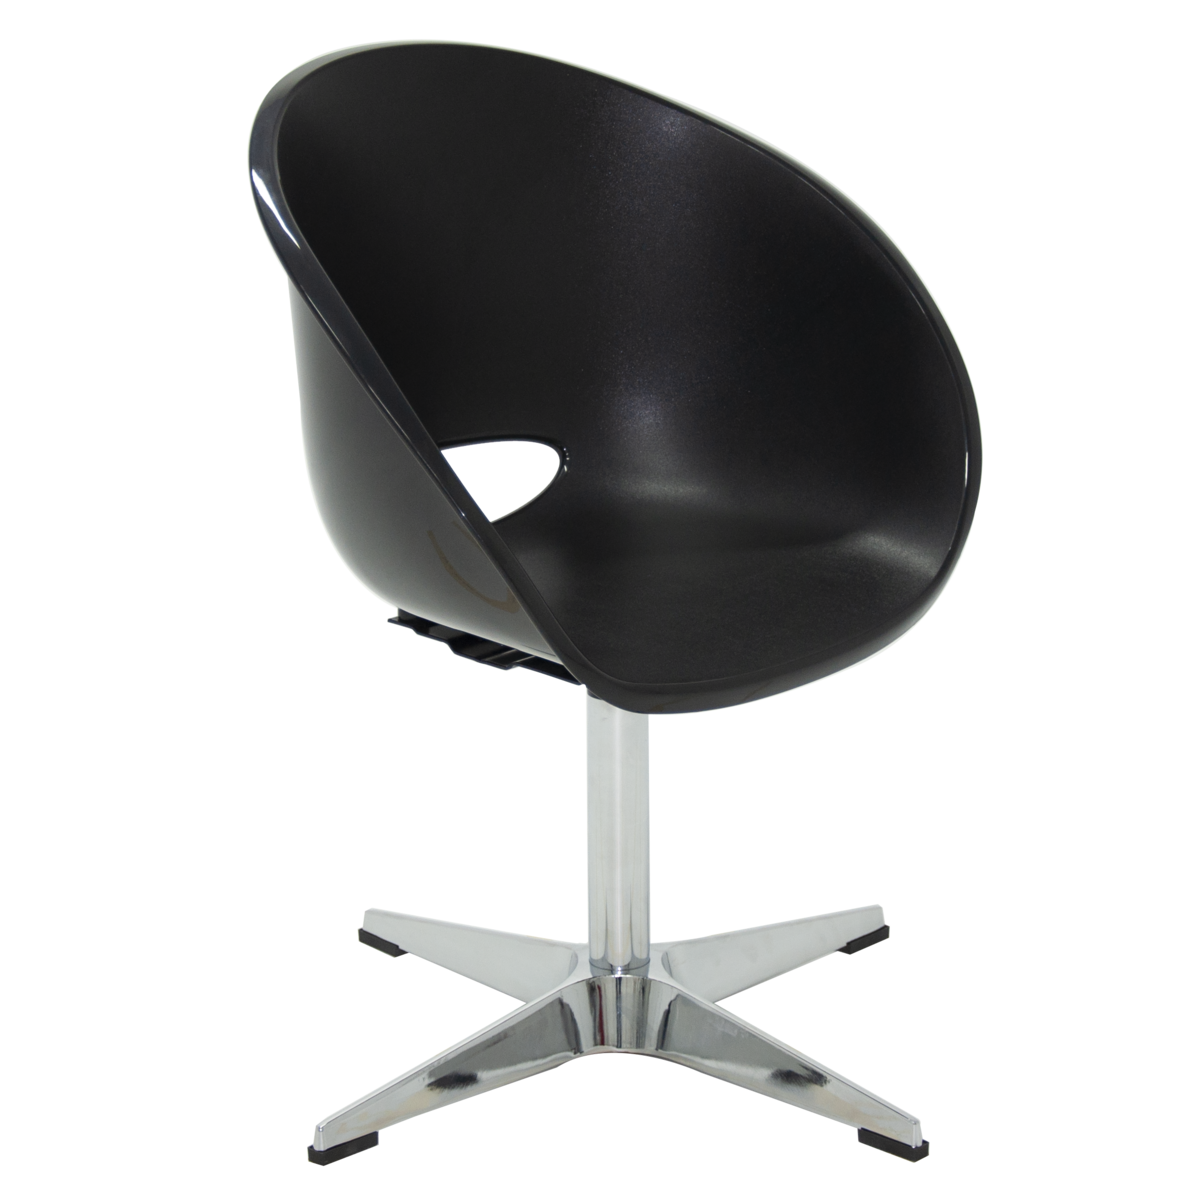 Image of: Cadeira Tramontina Elena Giratoria Em Polipropileno Preto Com Base X Em Aco Cromado Tramontina